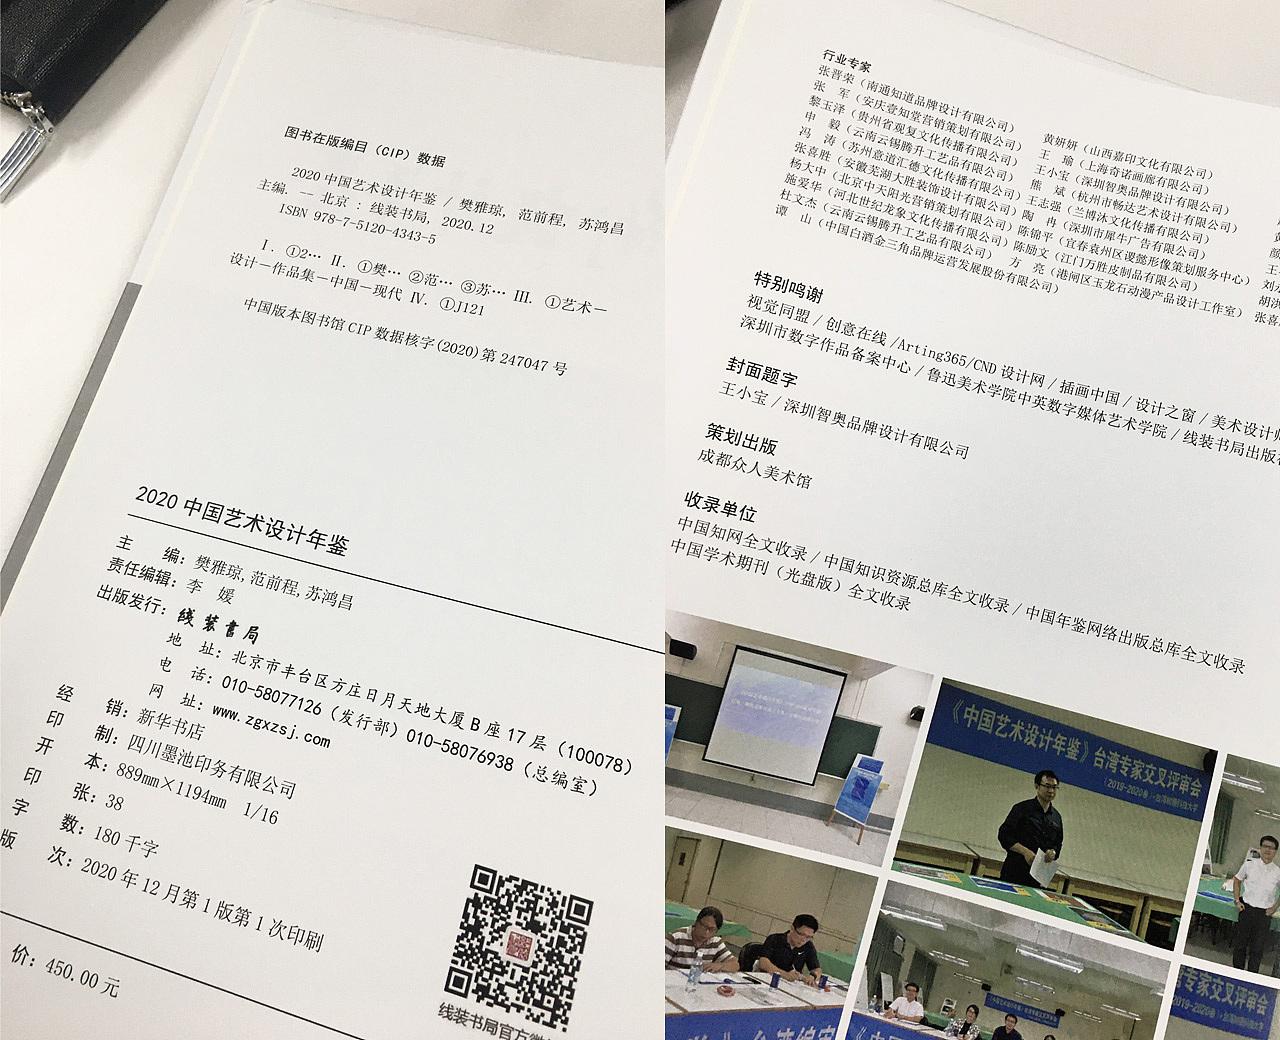 为《中国艺术设计年鉴》设计封面并题字